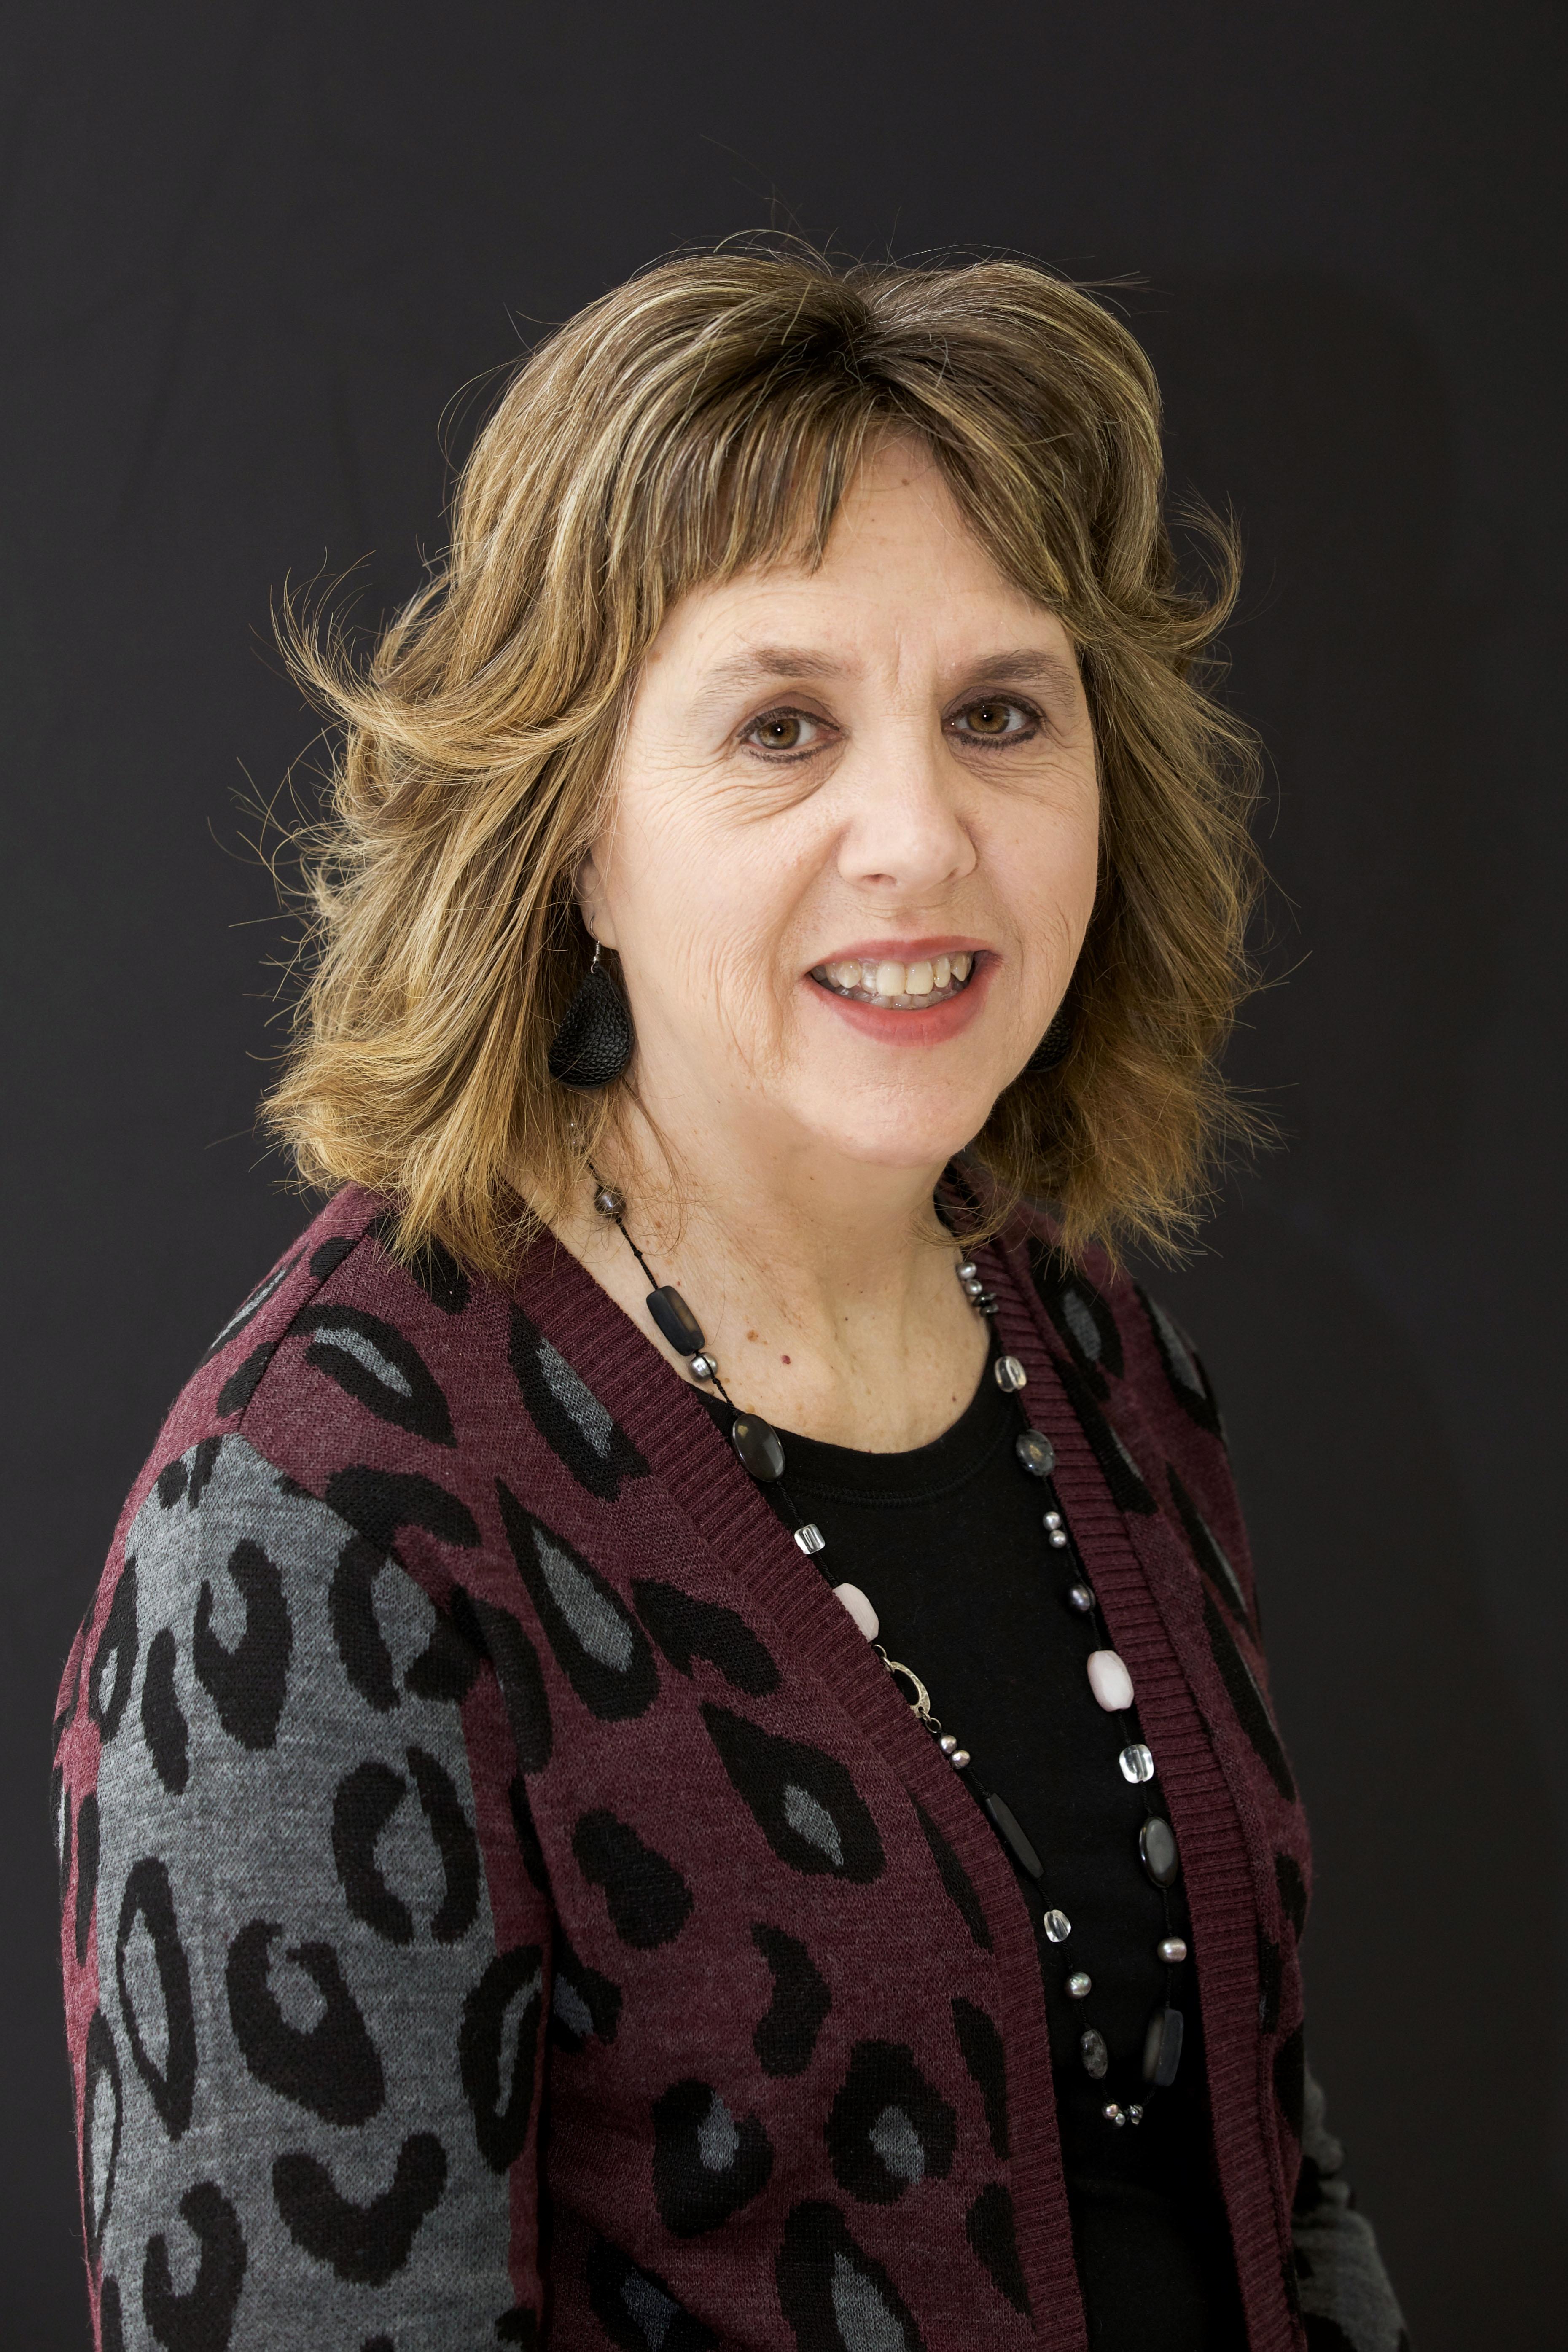 Kim Leffler